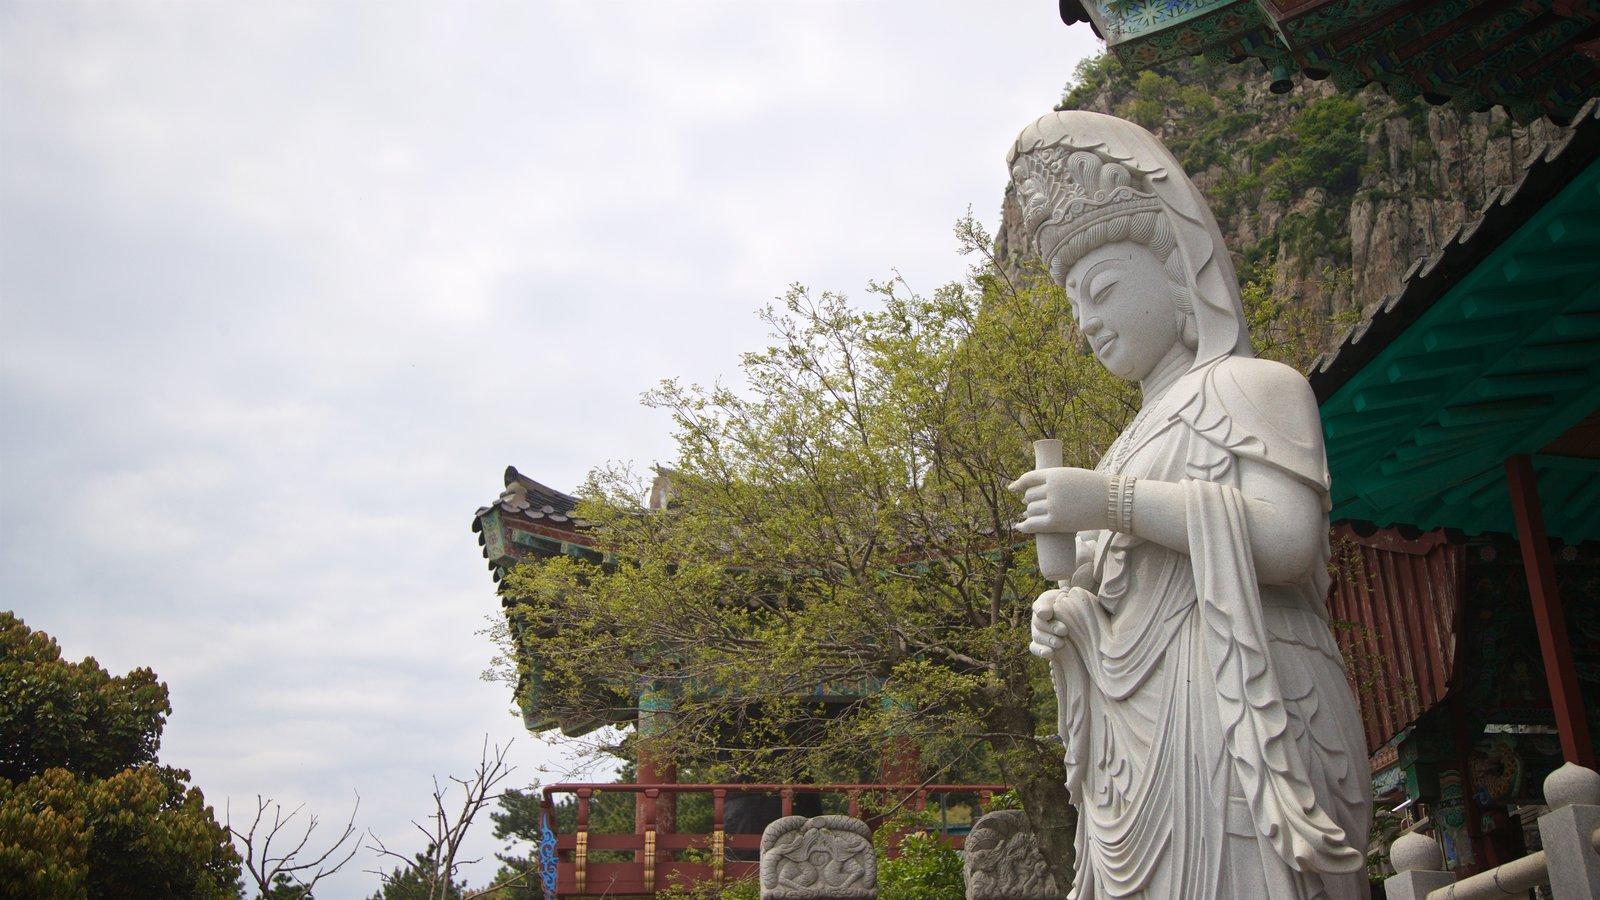 Montaña Sanbangsan ofreciendo elementos del patrimonio y una estatua o escultura